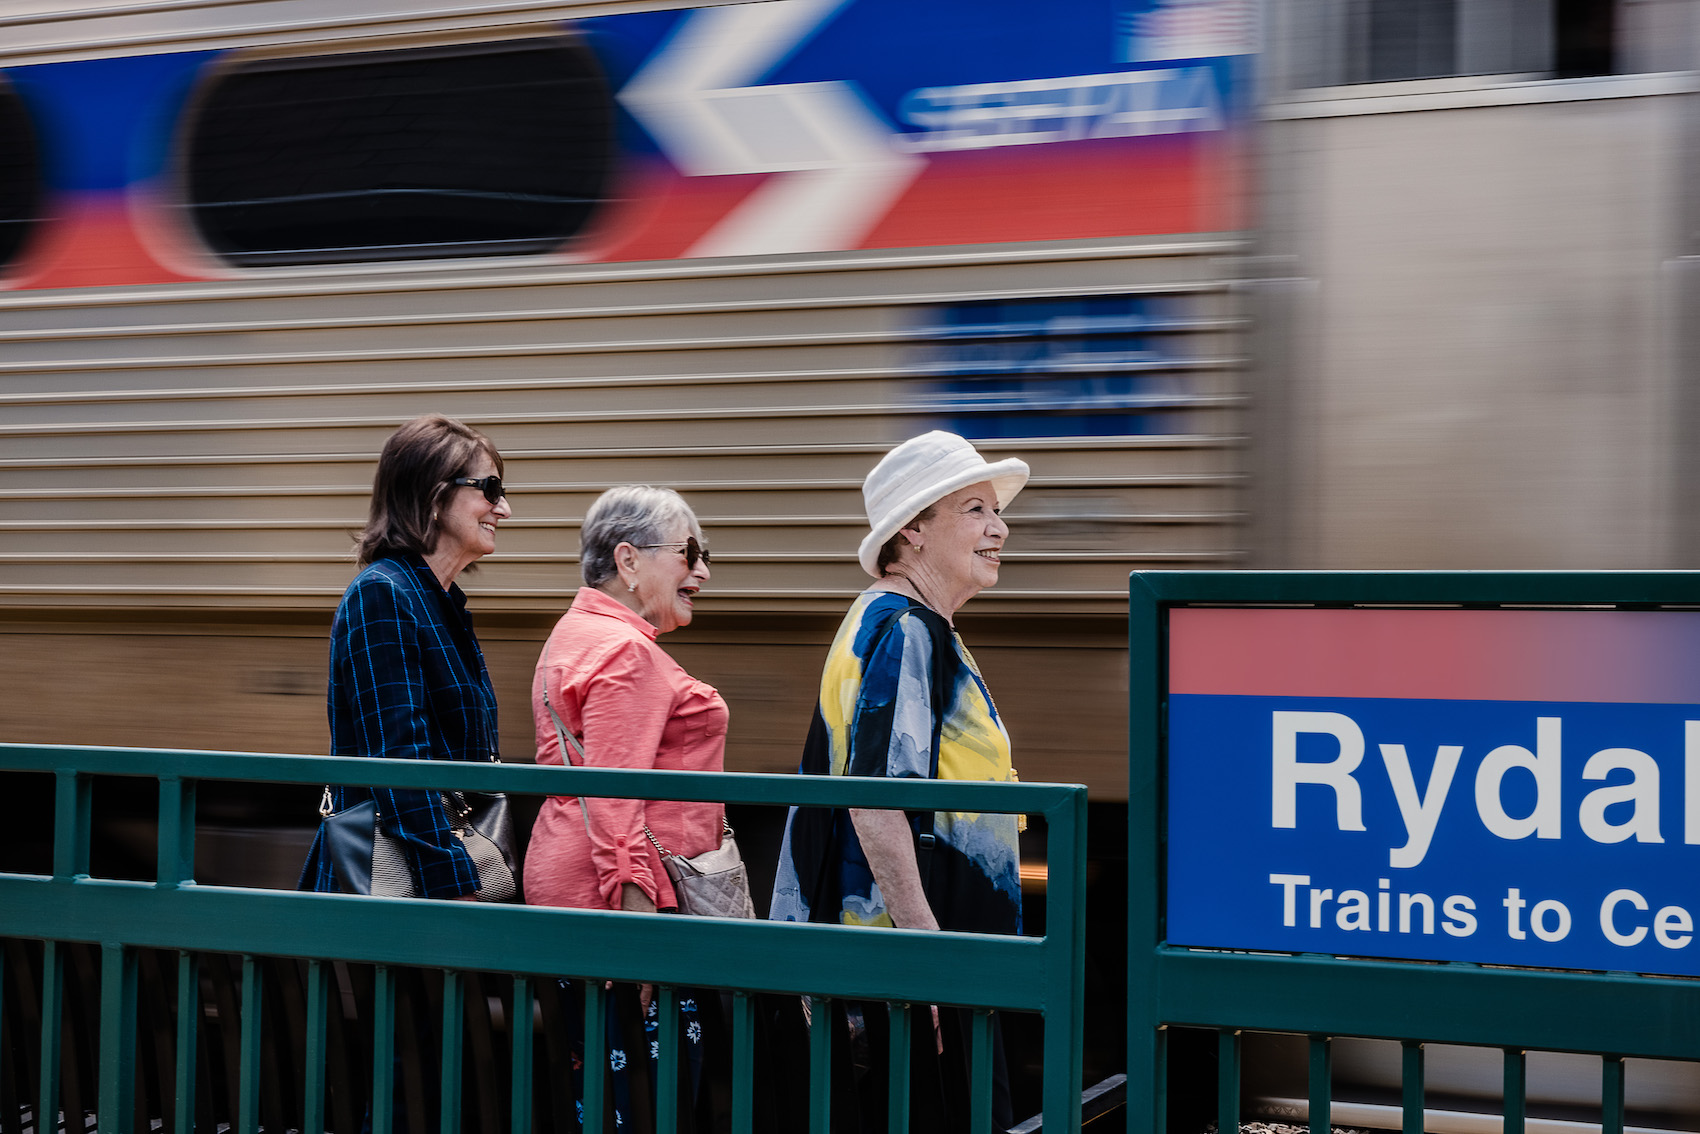 three women getting on a train